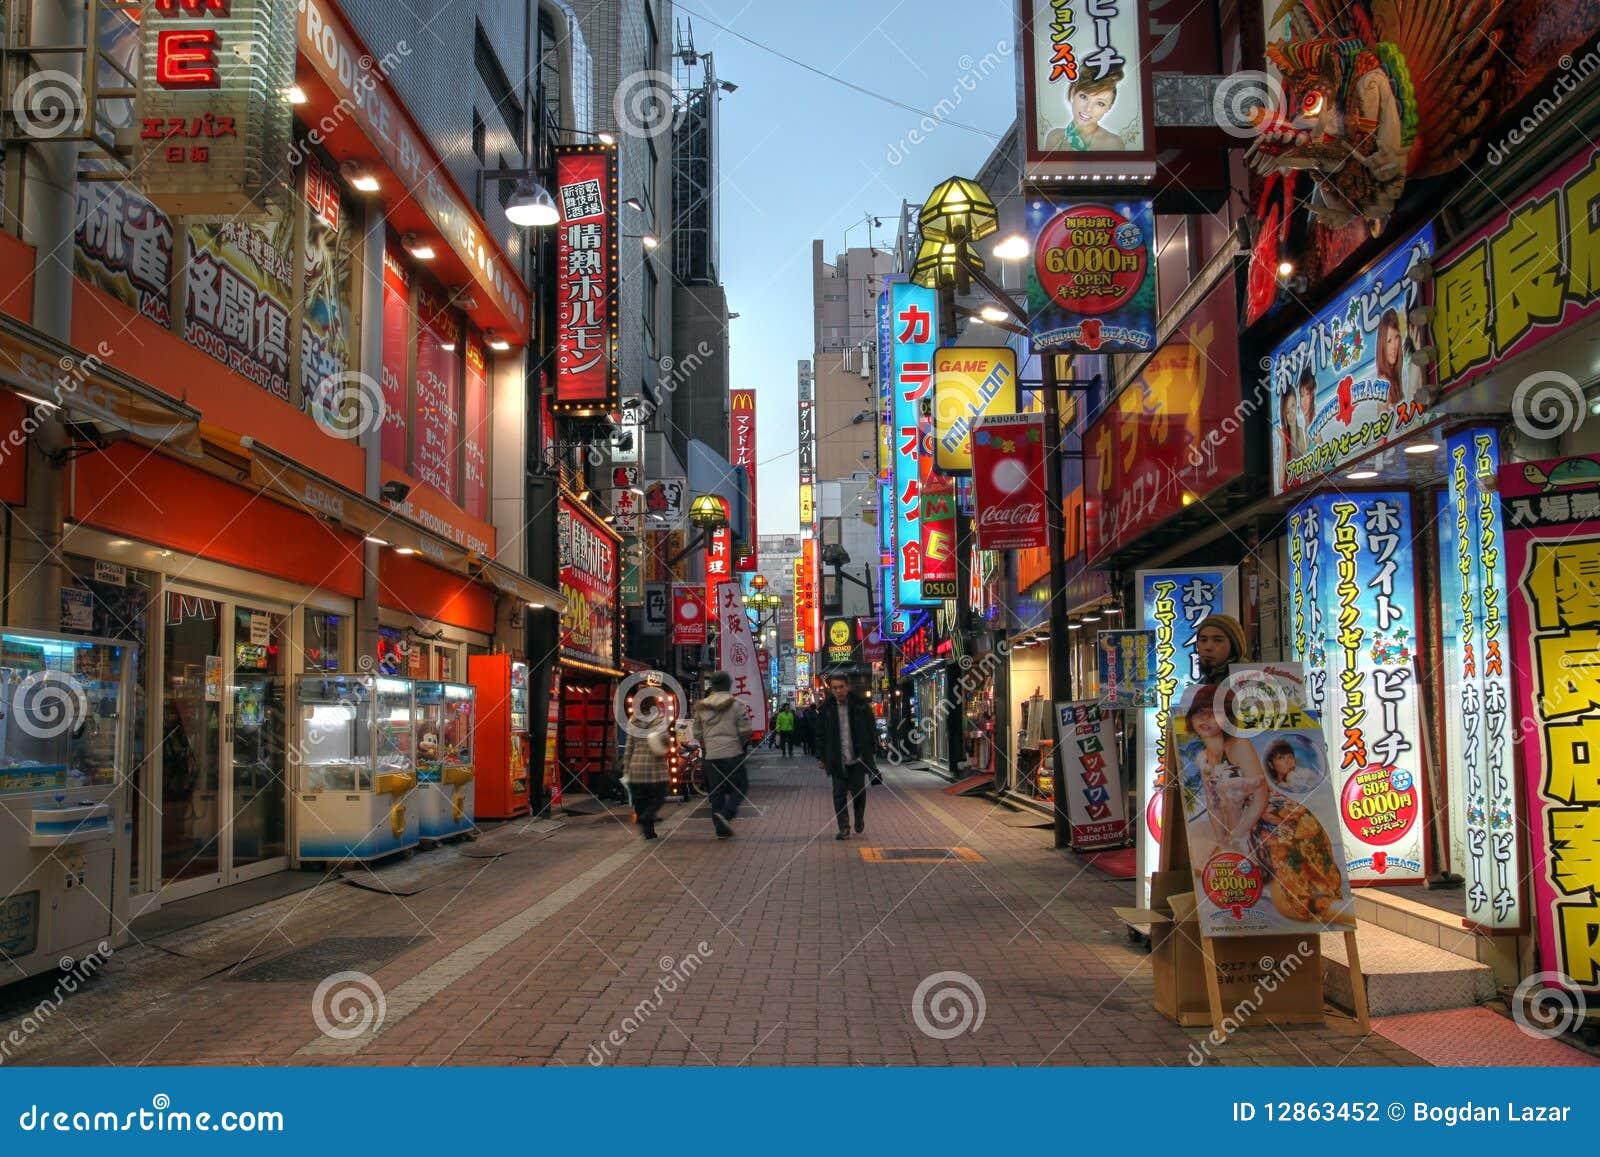 Japan kabukicho shinjuku ulica Tokyo